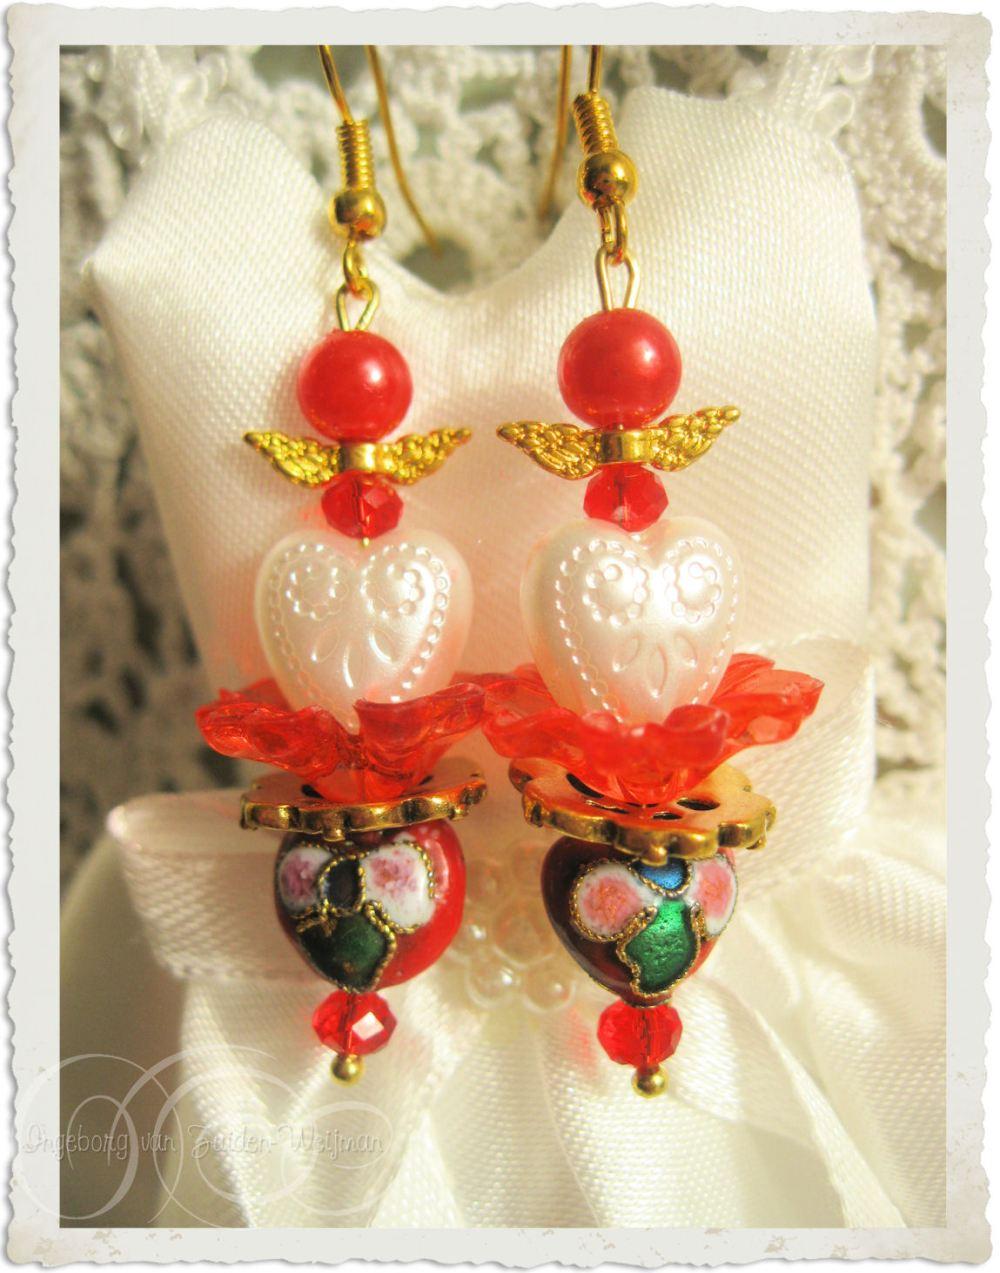 Handmade angel heart Valentine's earrings by Ingeborg van Zuiden